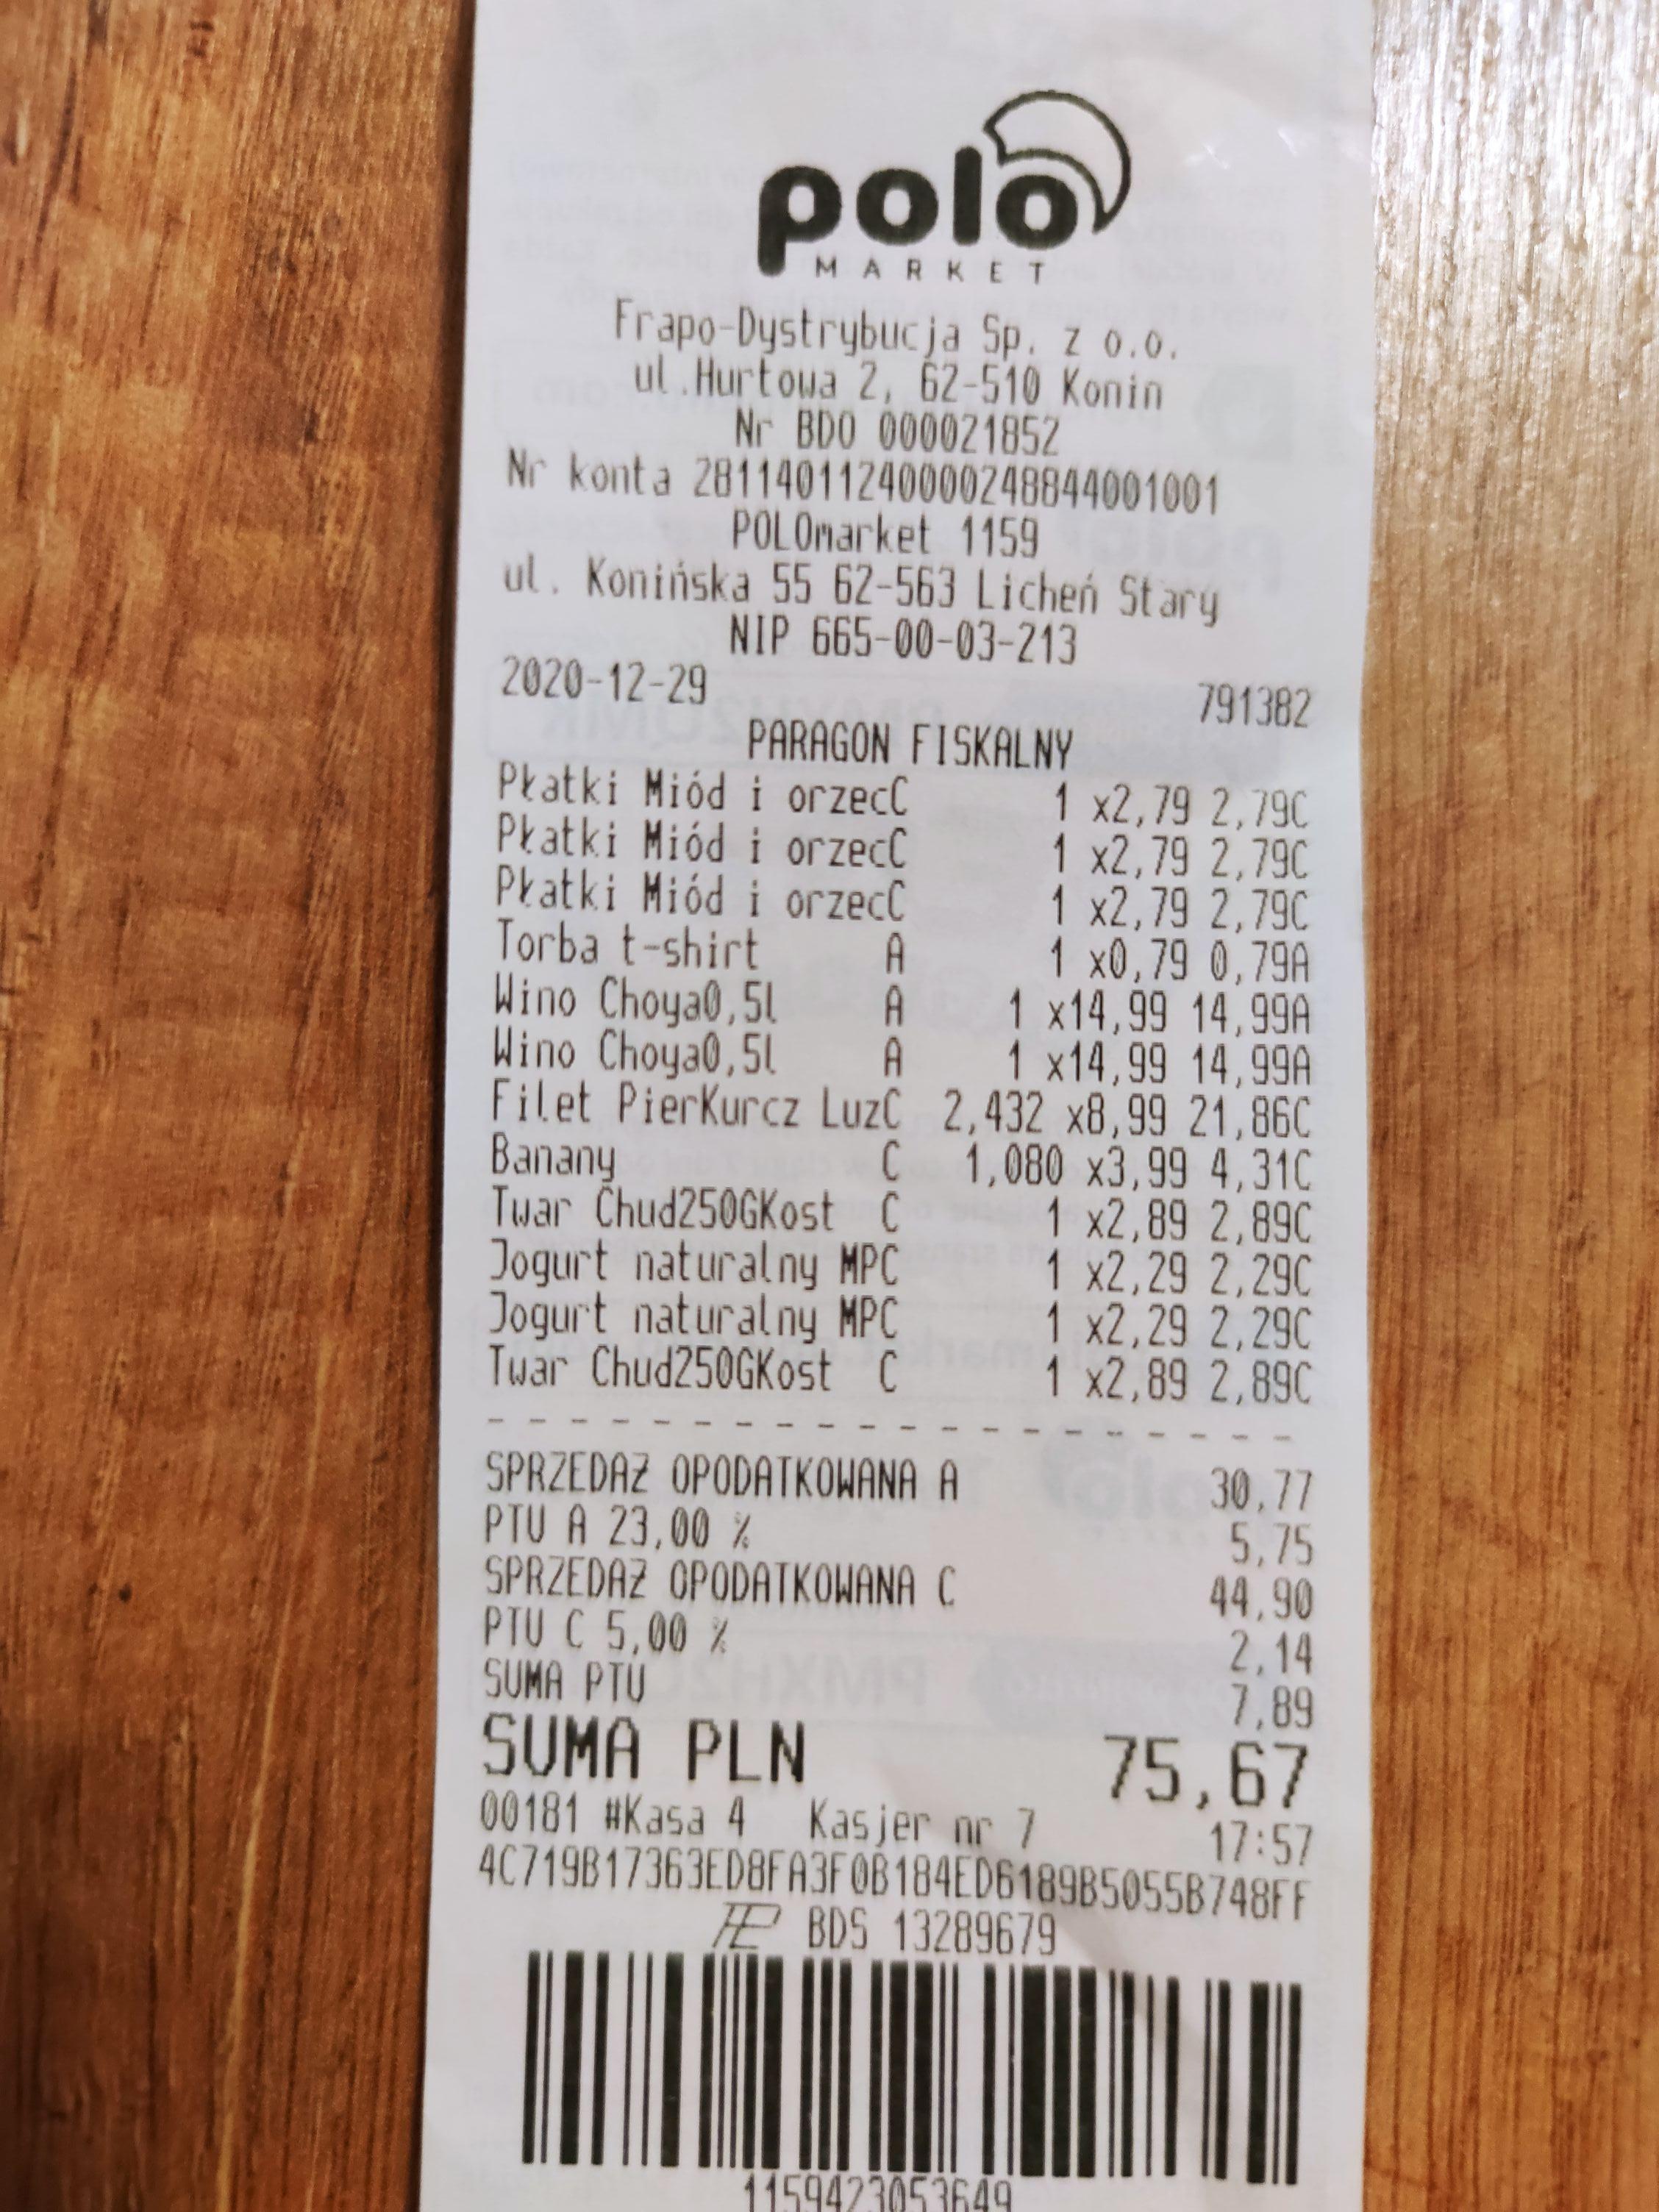 1kg filet z kurczaka za 8.99 POLO